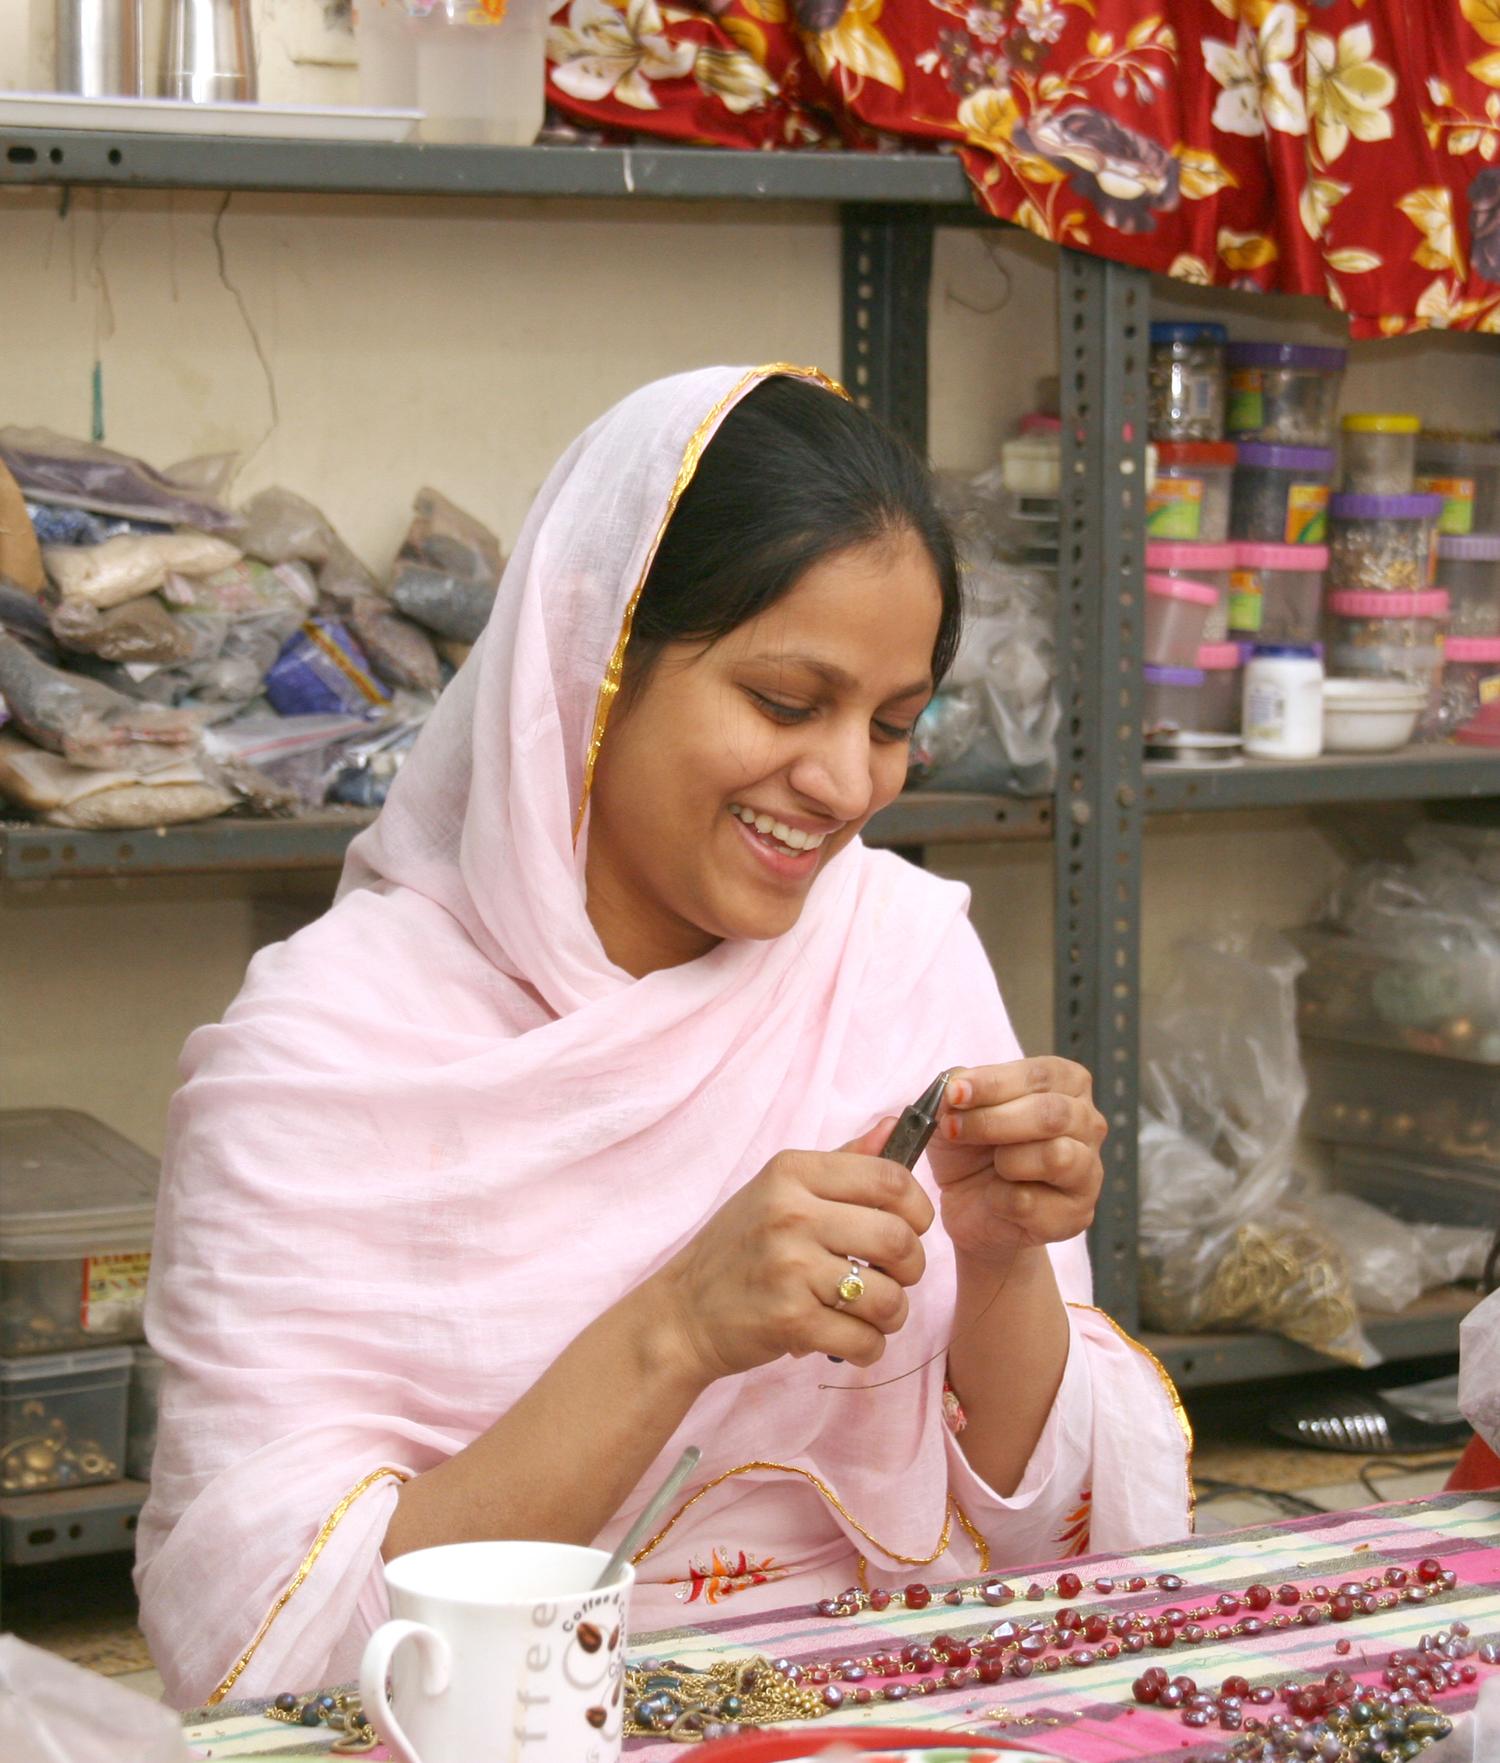 Asha Handicrafts tillverkar smycken. Foto El Puente Dei Fair Trade Pioniere.